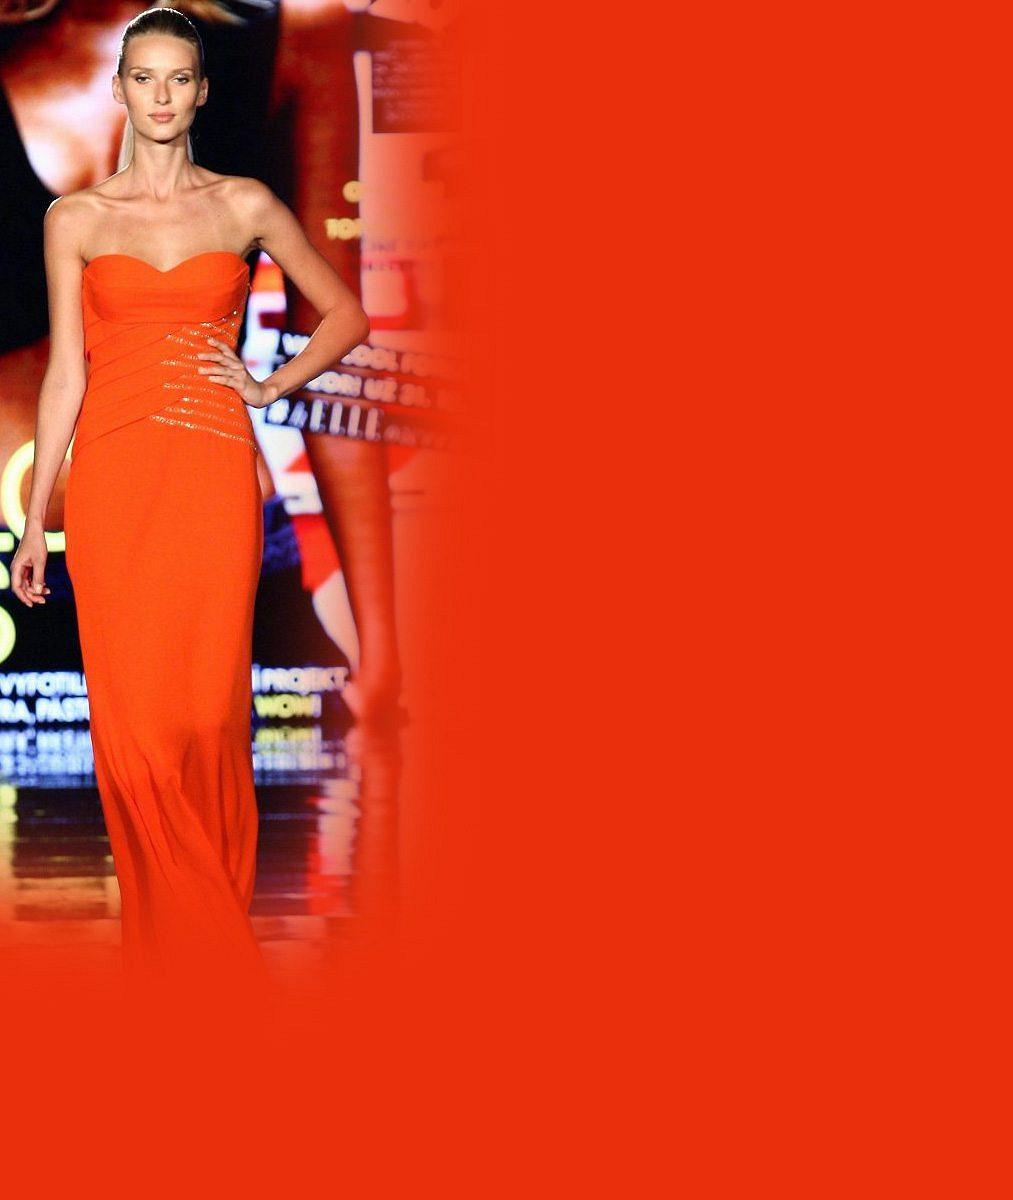 Nádherná Slovenka boří mýtus, že modelky nejí: ZAmeriky jezdí domů přibrat